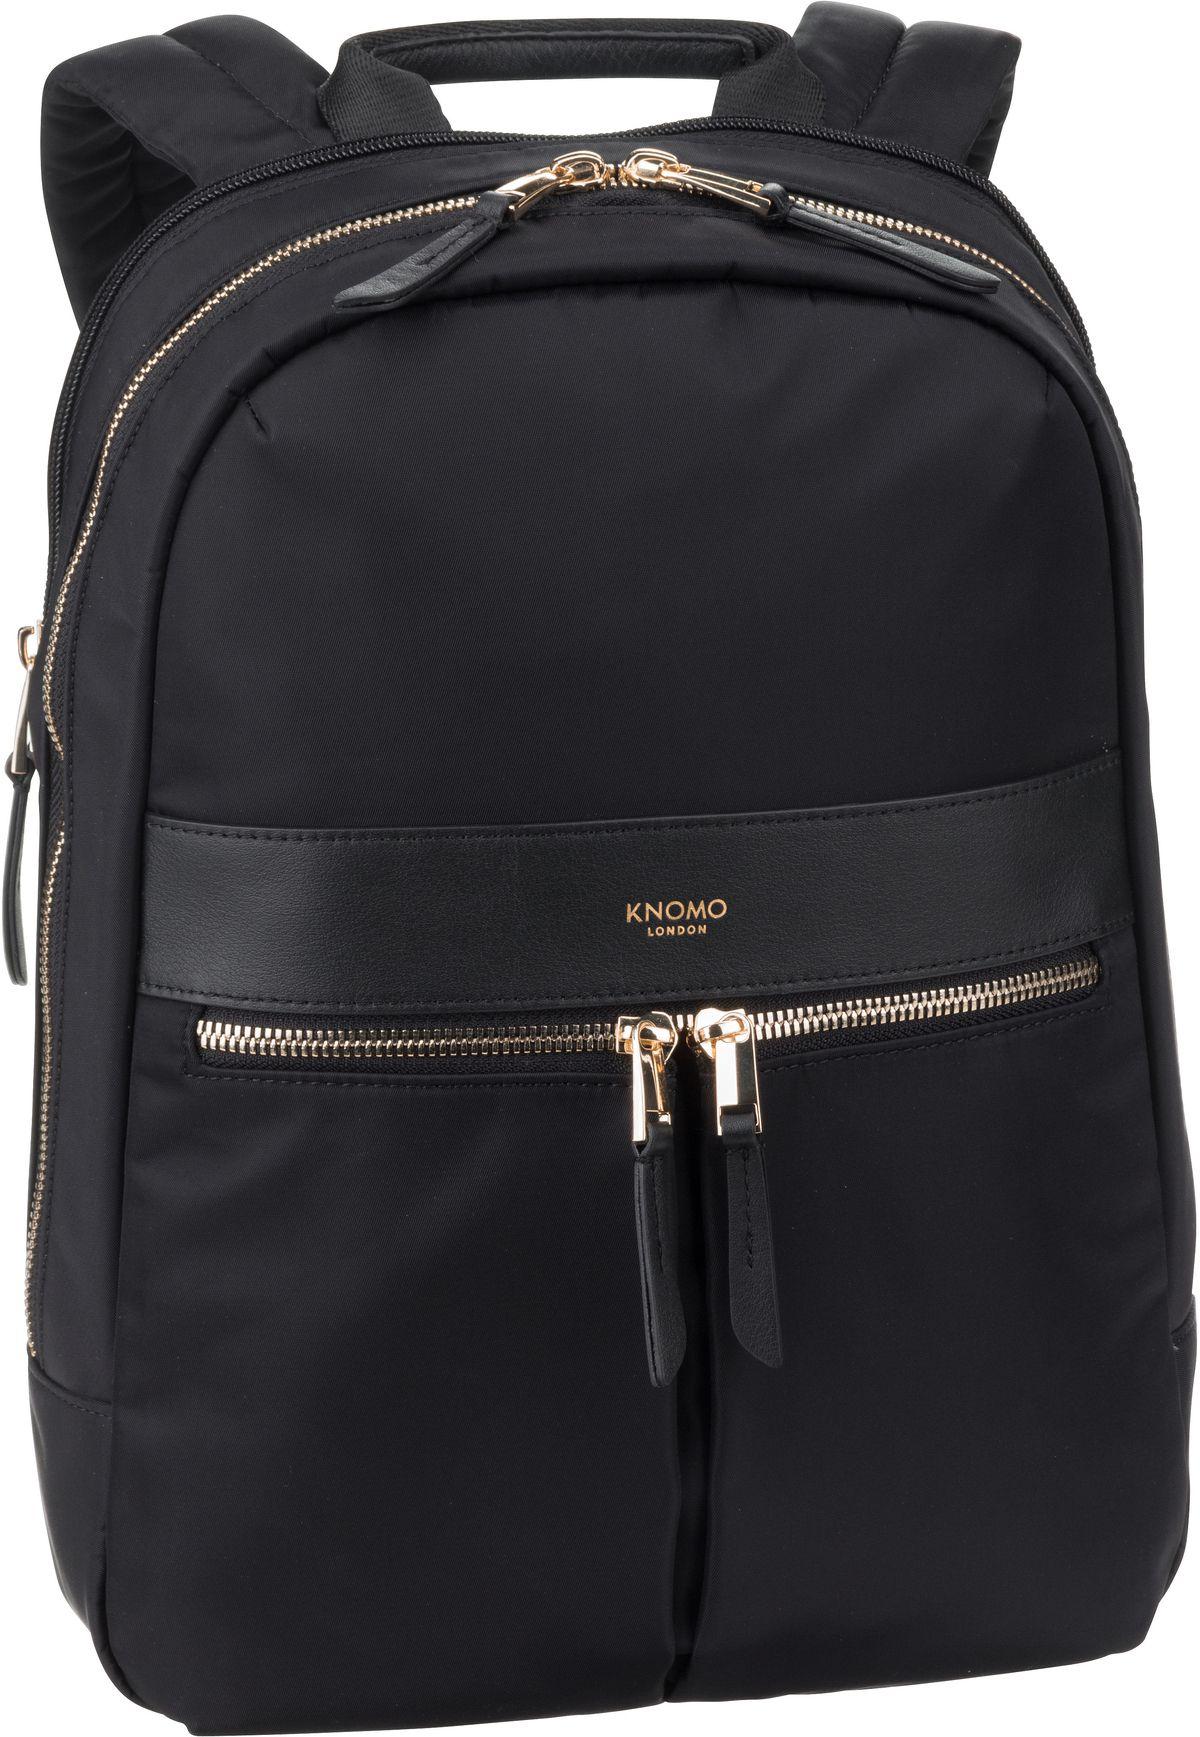 Rucksack / Daypack Mayfair Mini Beaufort Backpack 12'' Black/Gold